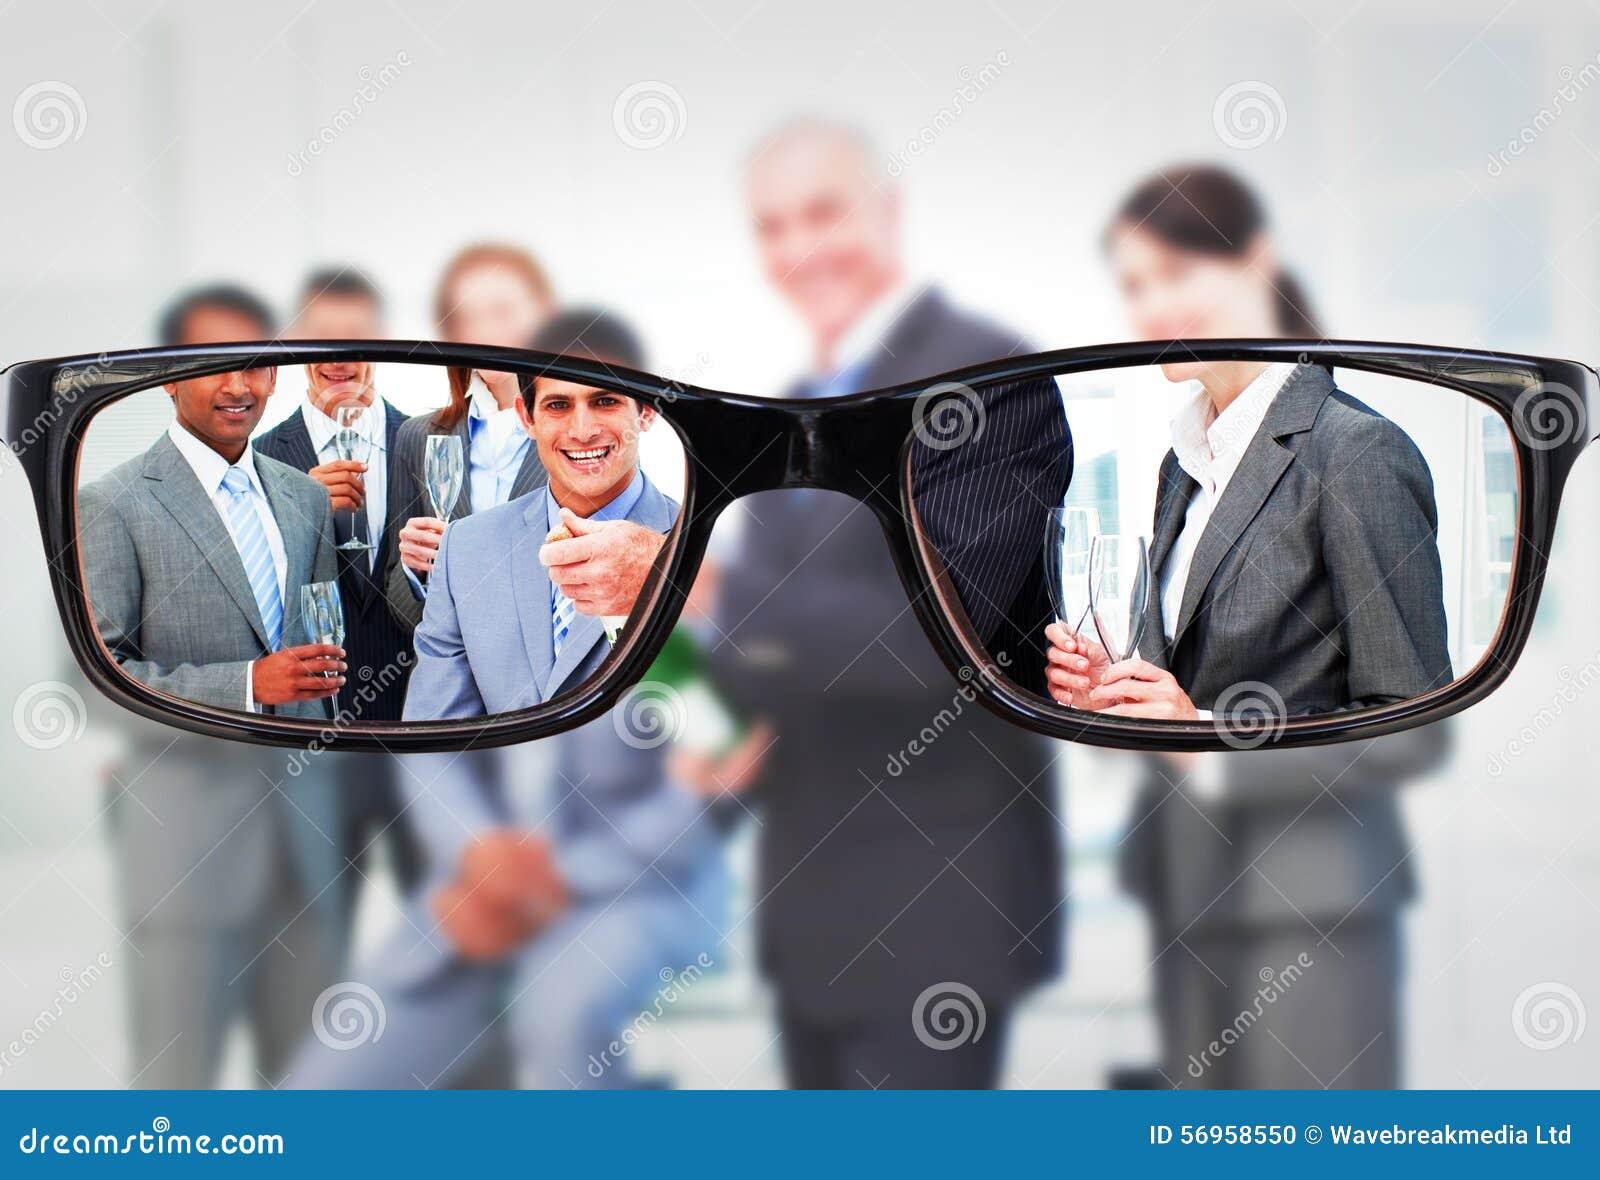 Zusammengesetztes Bild des Geschäftsmannes eine Flasche Champagner öffnend, um einen Erfolg zu feiern